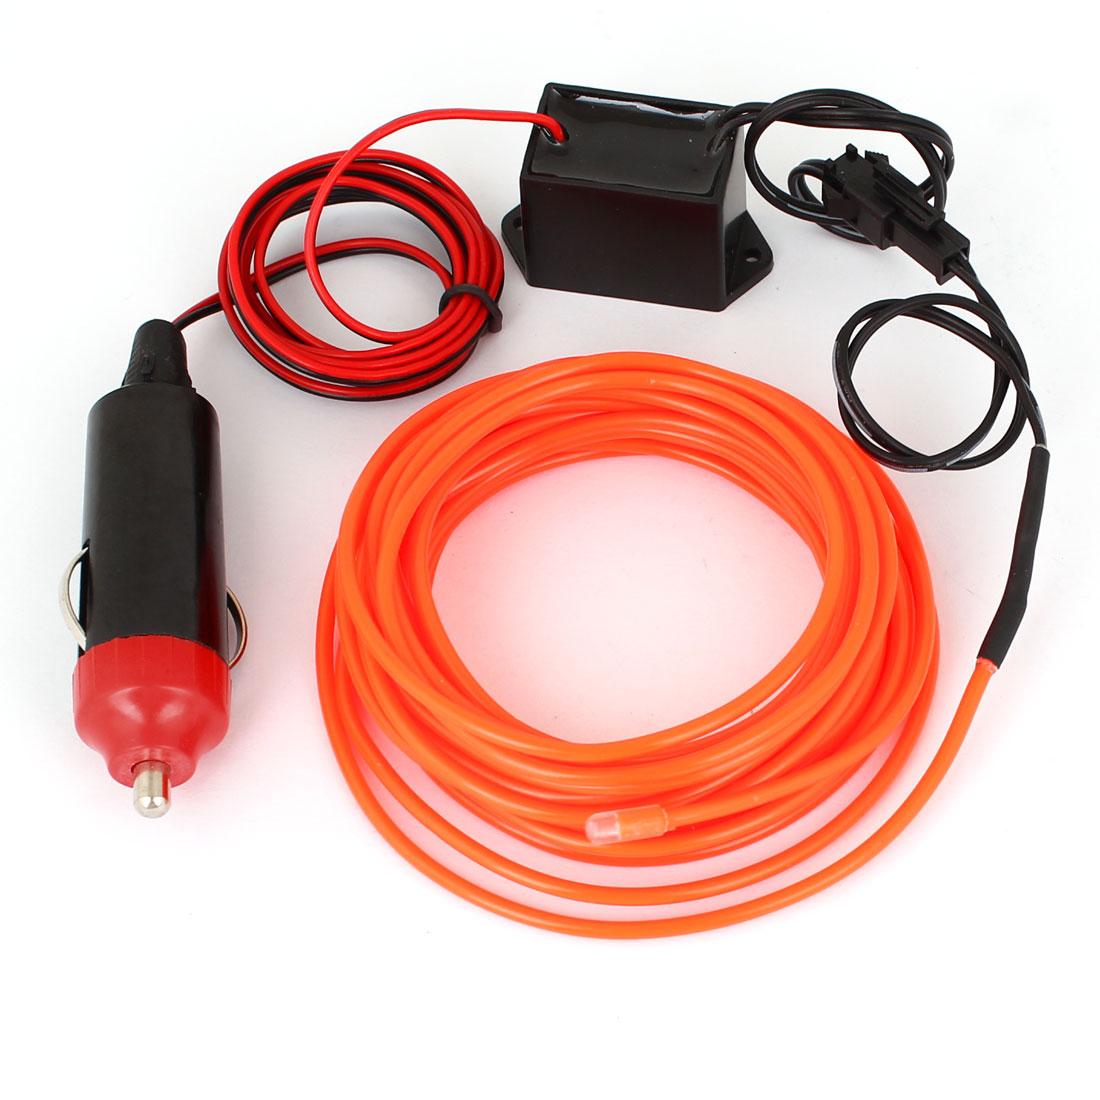 5 Meter EL Wire Vehicle Van Truck Neon Orange Red Glow Light w 1M Car Charger